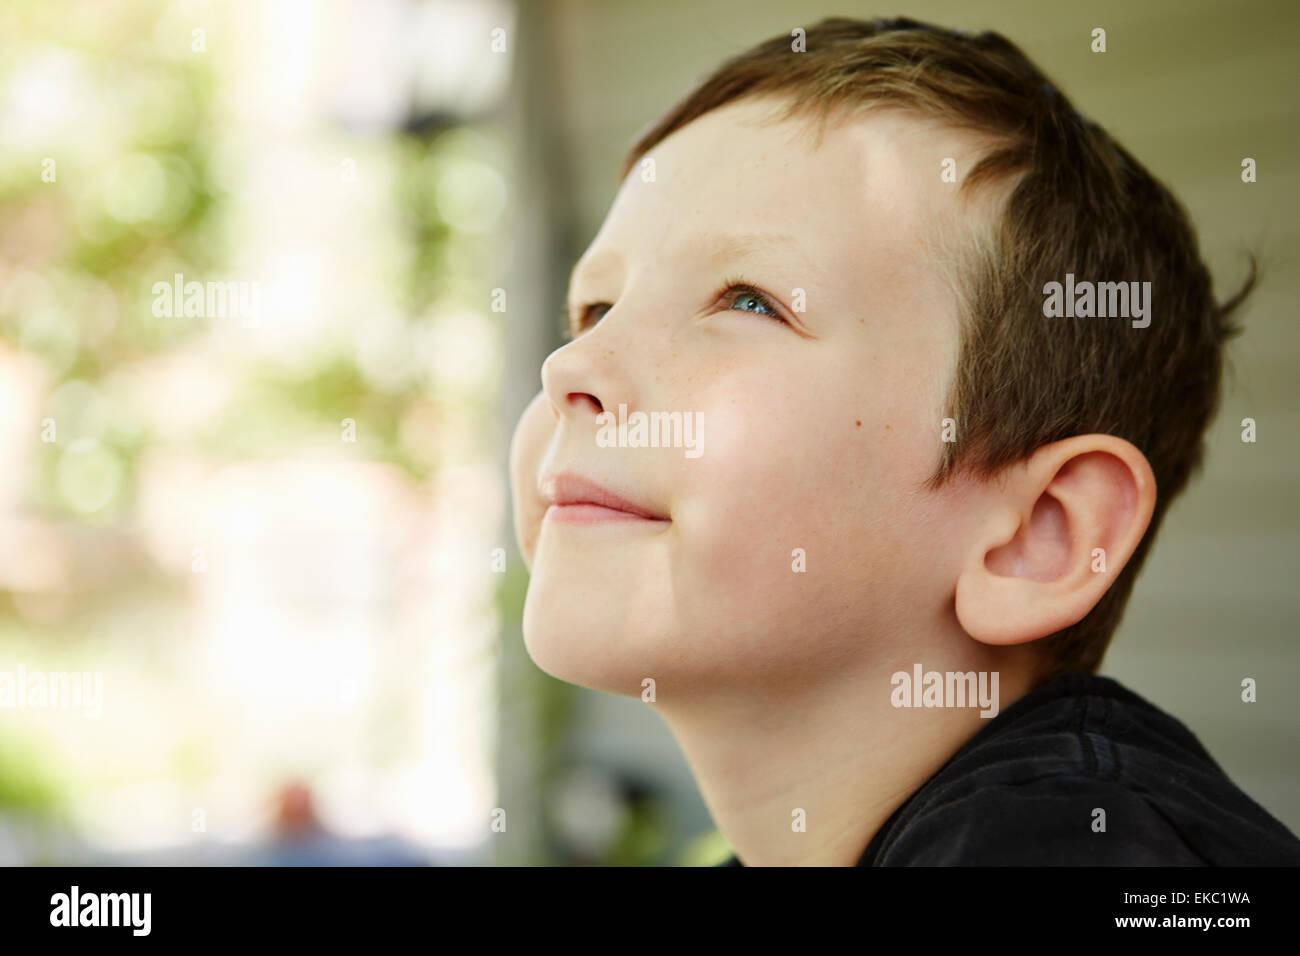 Close up ritratto di profilo del ragazzo in foresta Immagini Stock